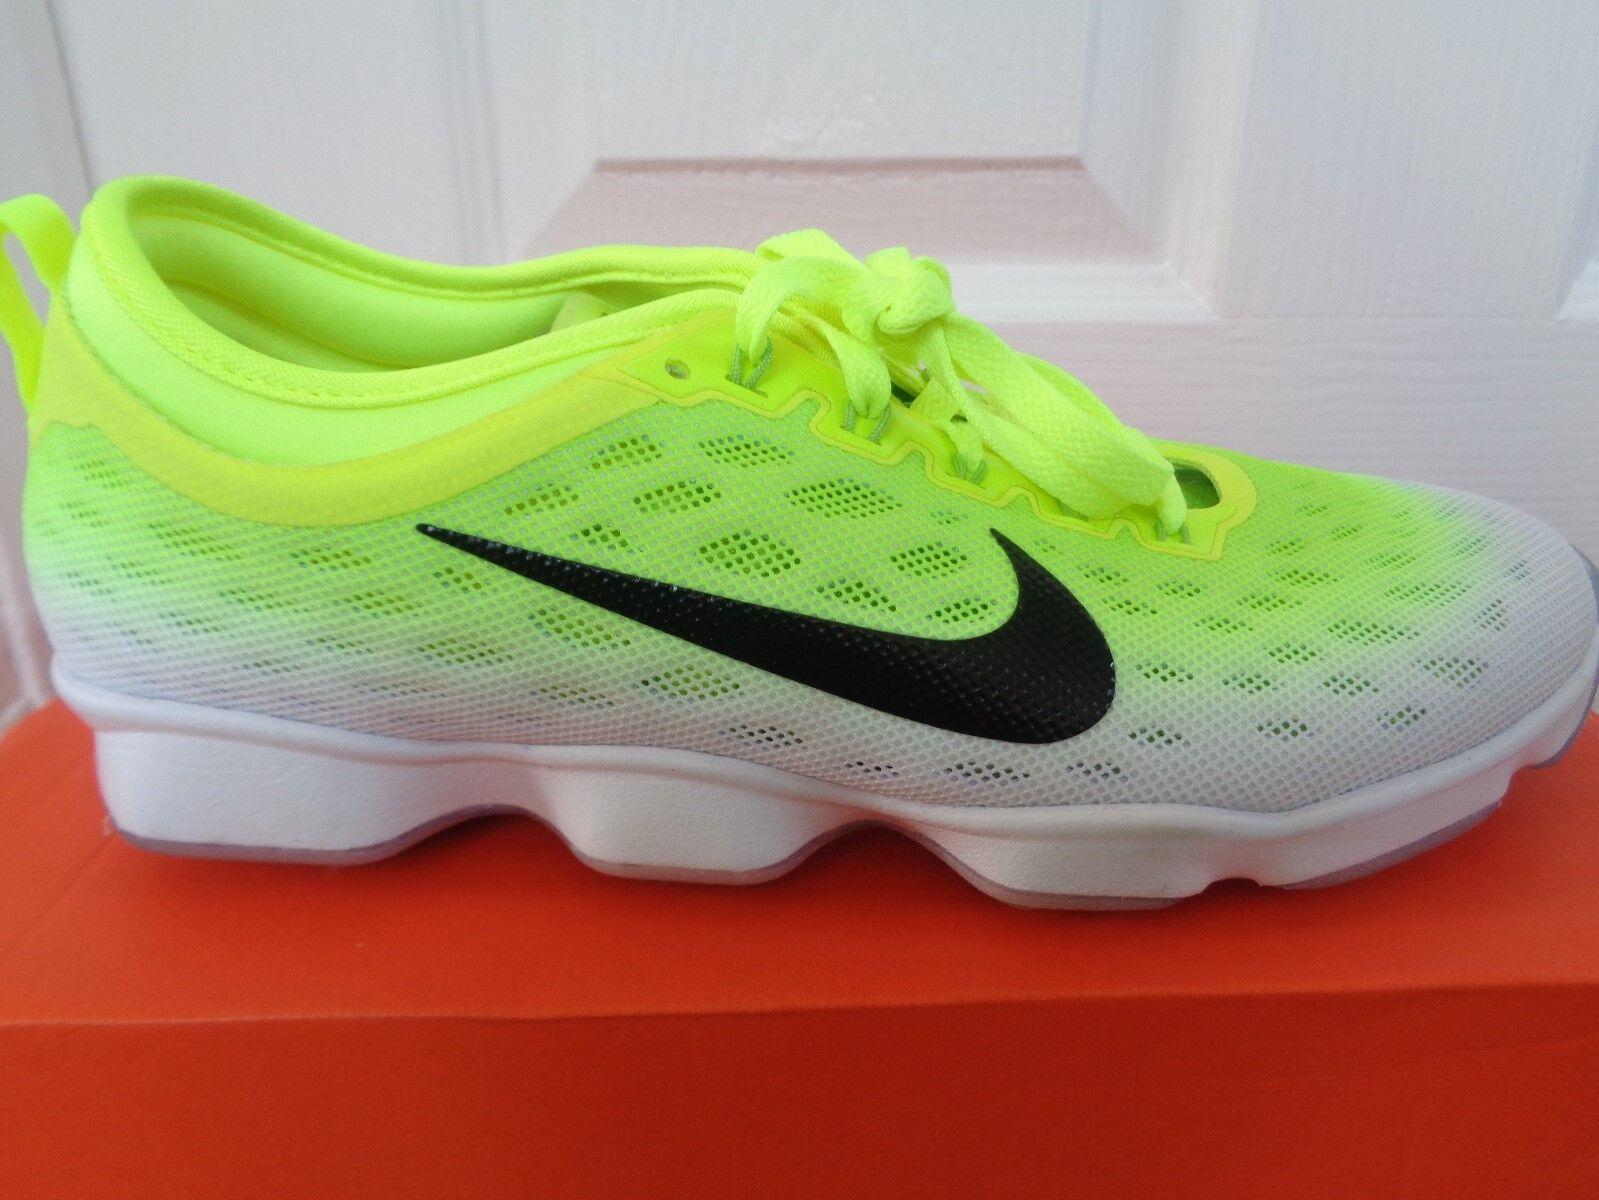 NikeZoom Fit Agility wmns trainers baskets 684984 701 uk 4.5 eu 38 us 7 NEW+BOX